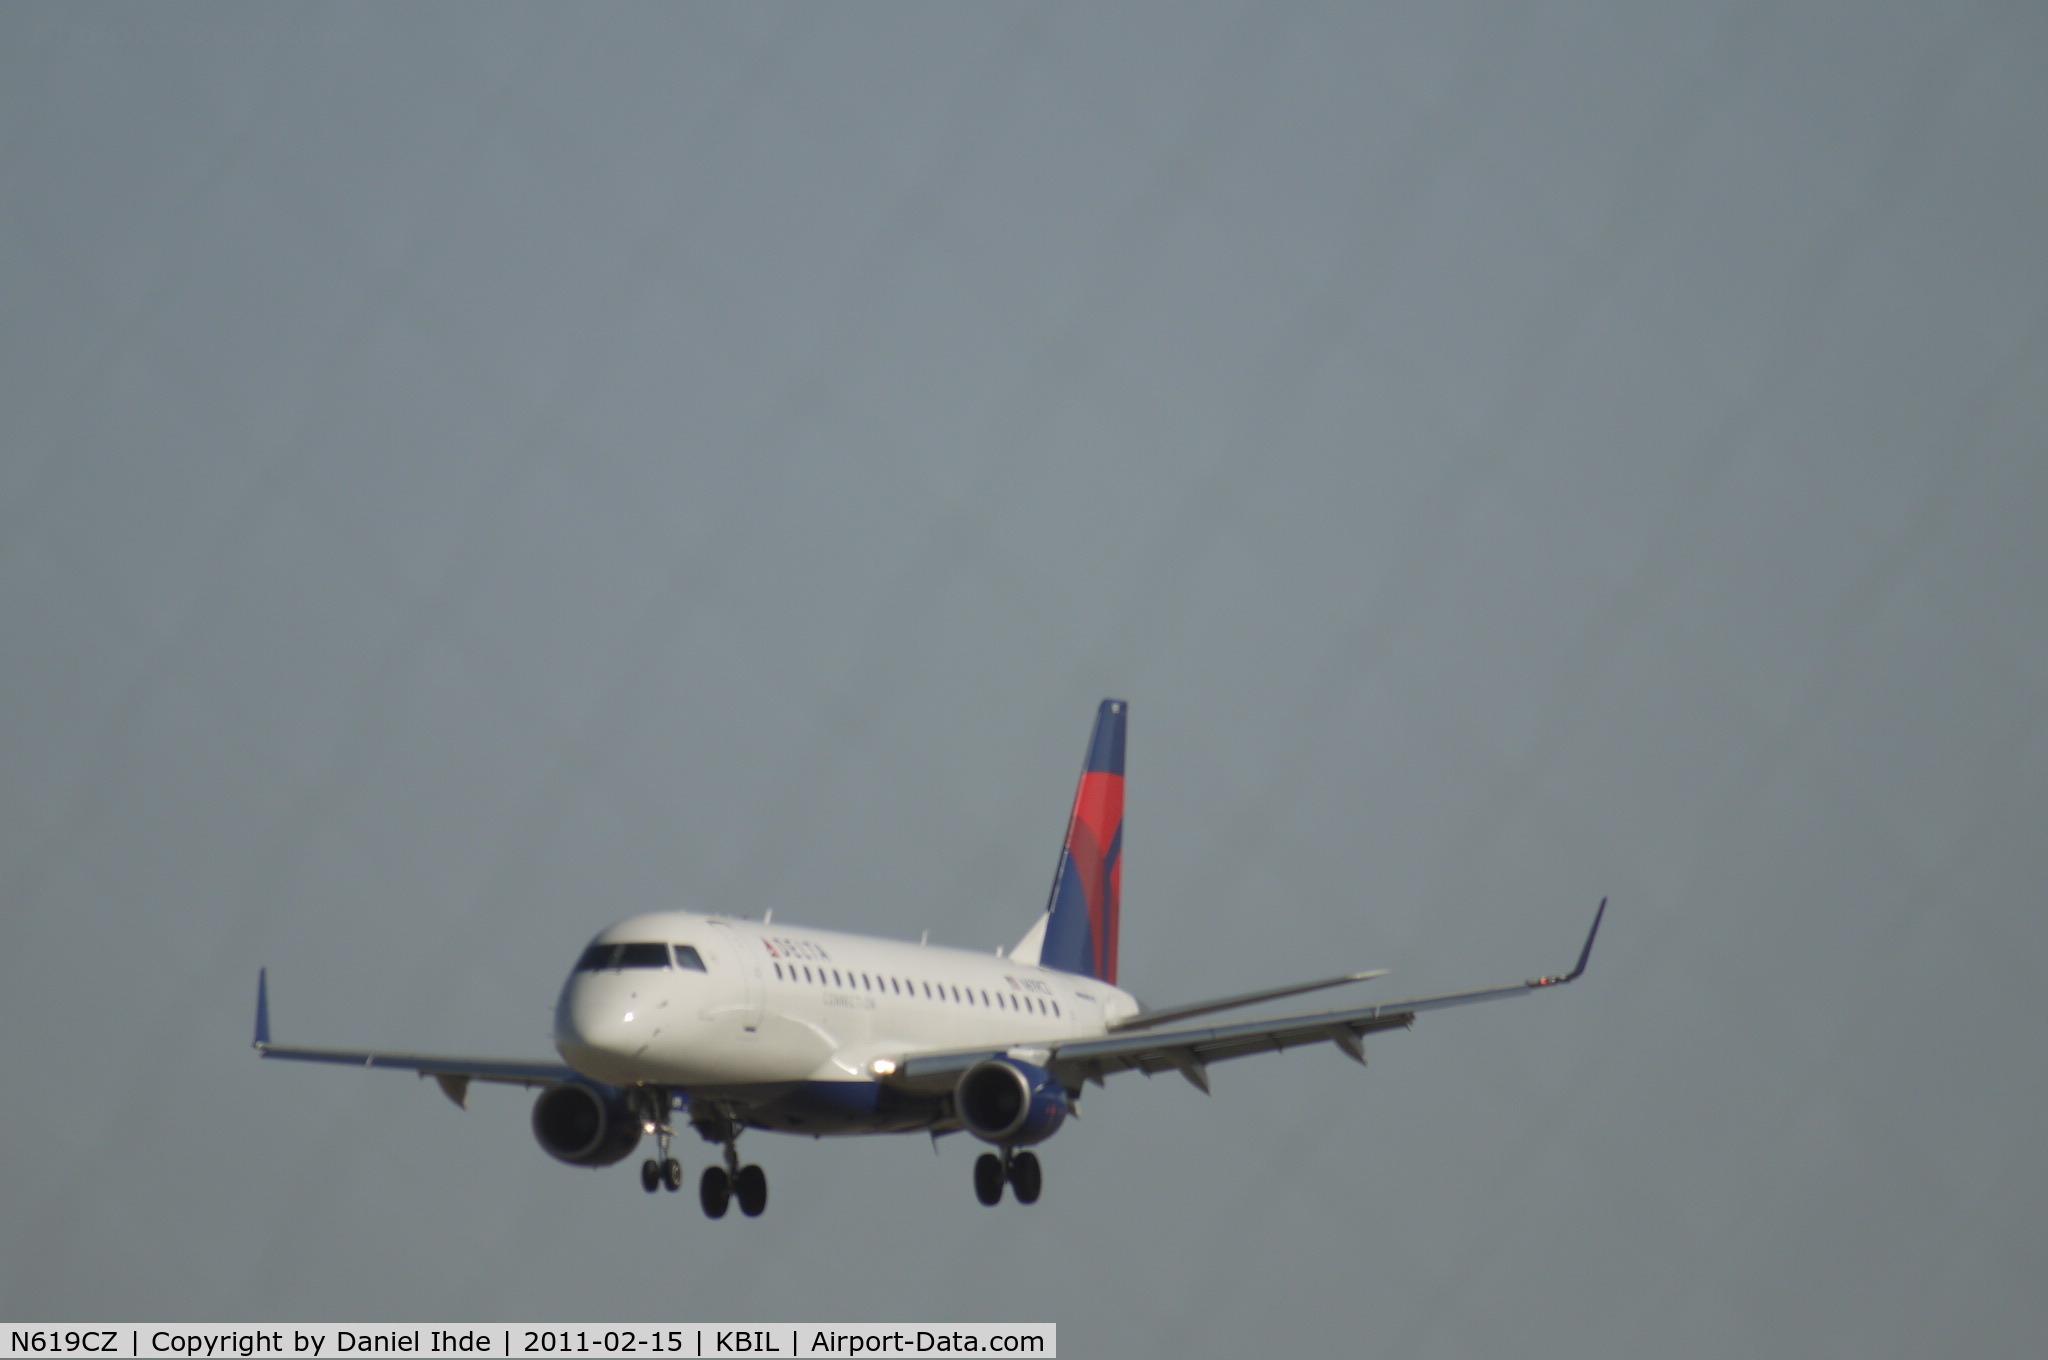 N619CZ, 2008 Embraer 175LR (ERJ-170-200LR) C/N 17000213, Skywest Embraer lands at Billings Logan